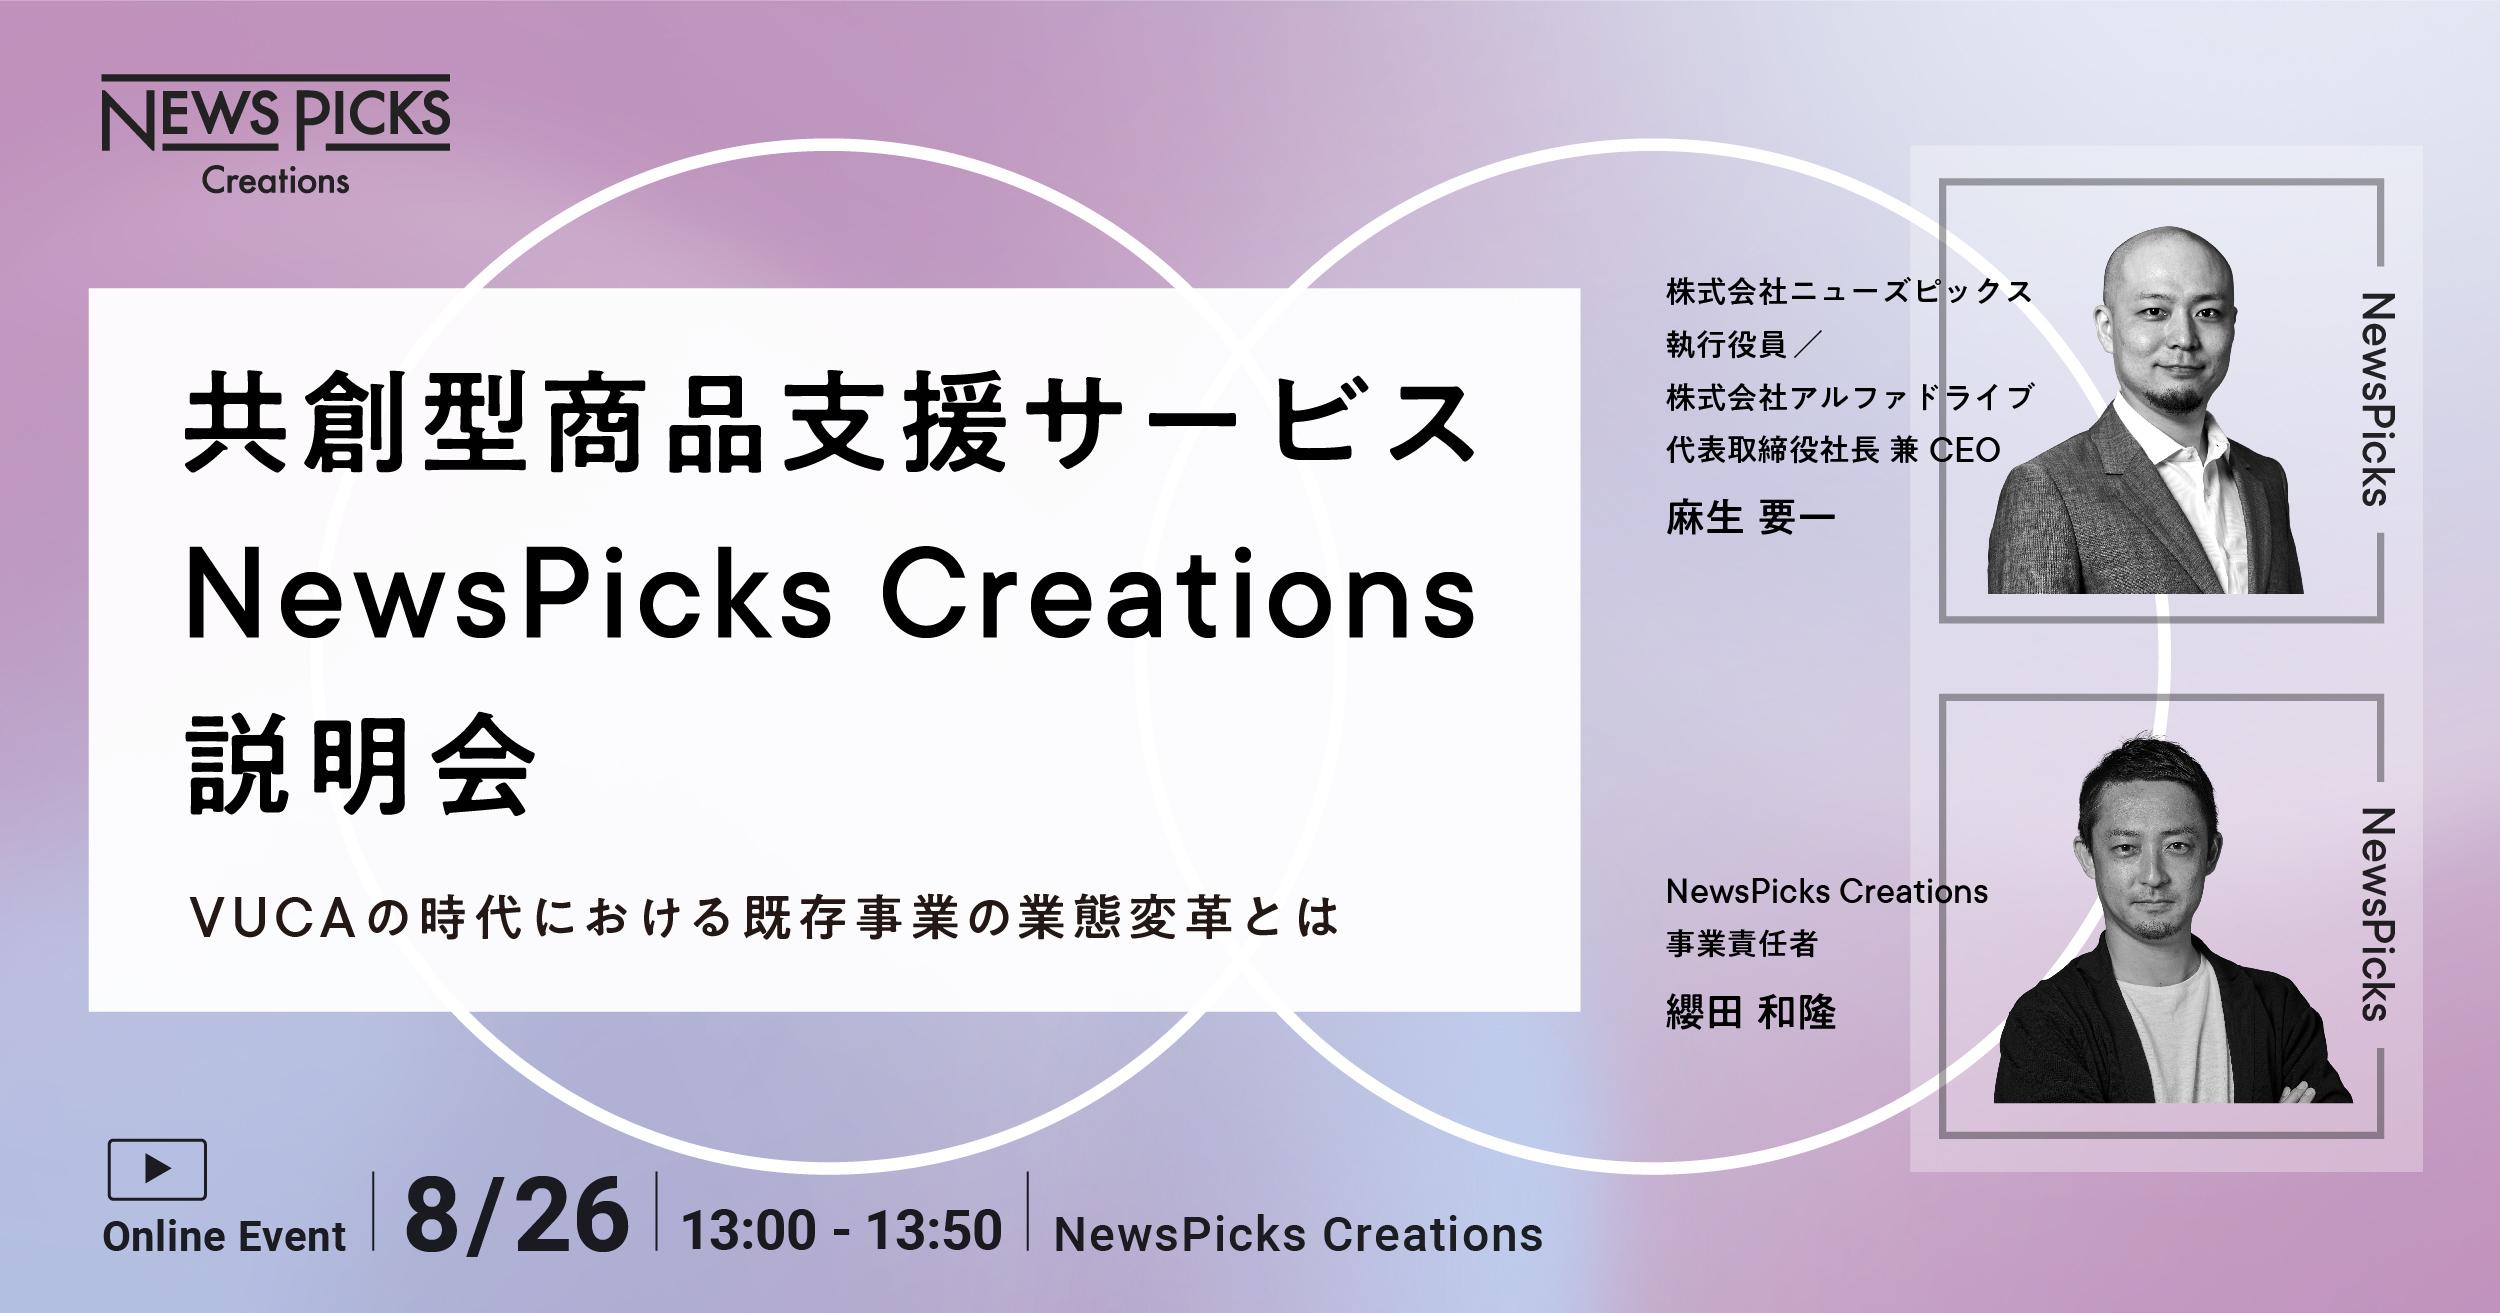 共創型商品開発支援サービス NewsPicks Creations説明会 -VUCAの時代における既存事業の業態変革とは-